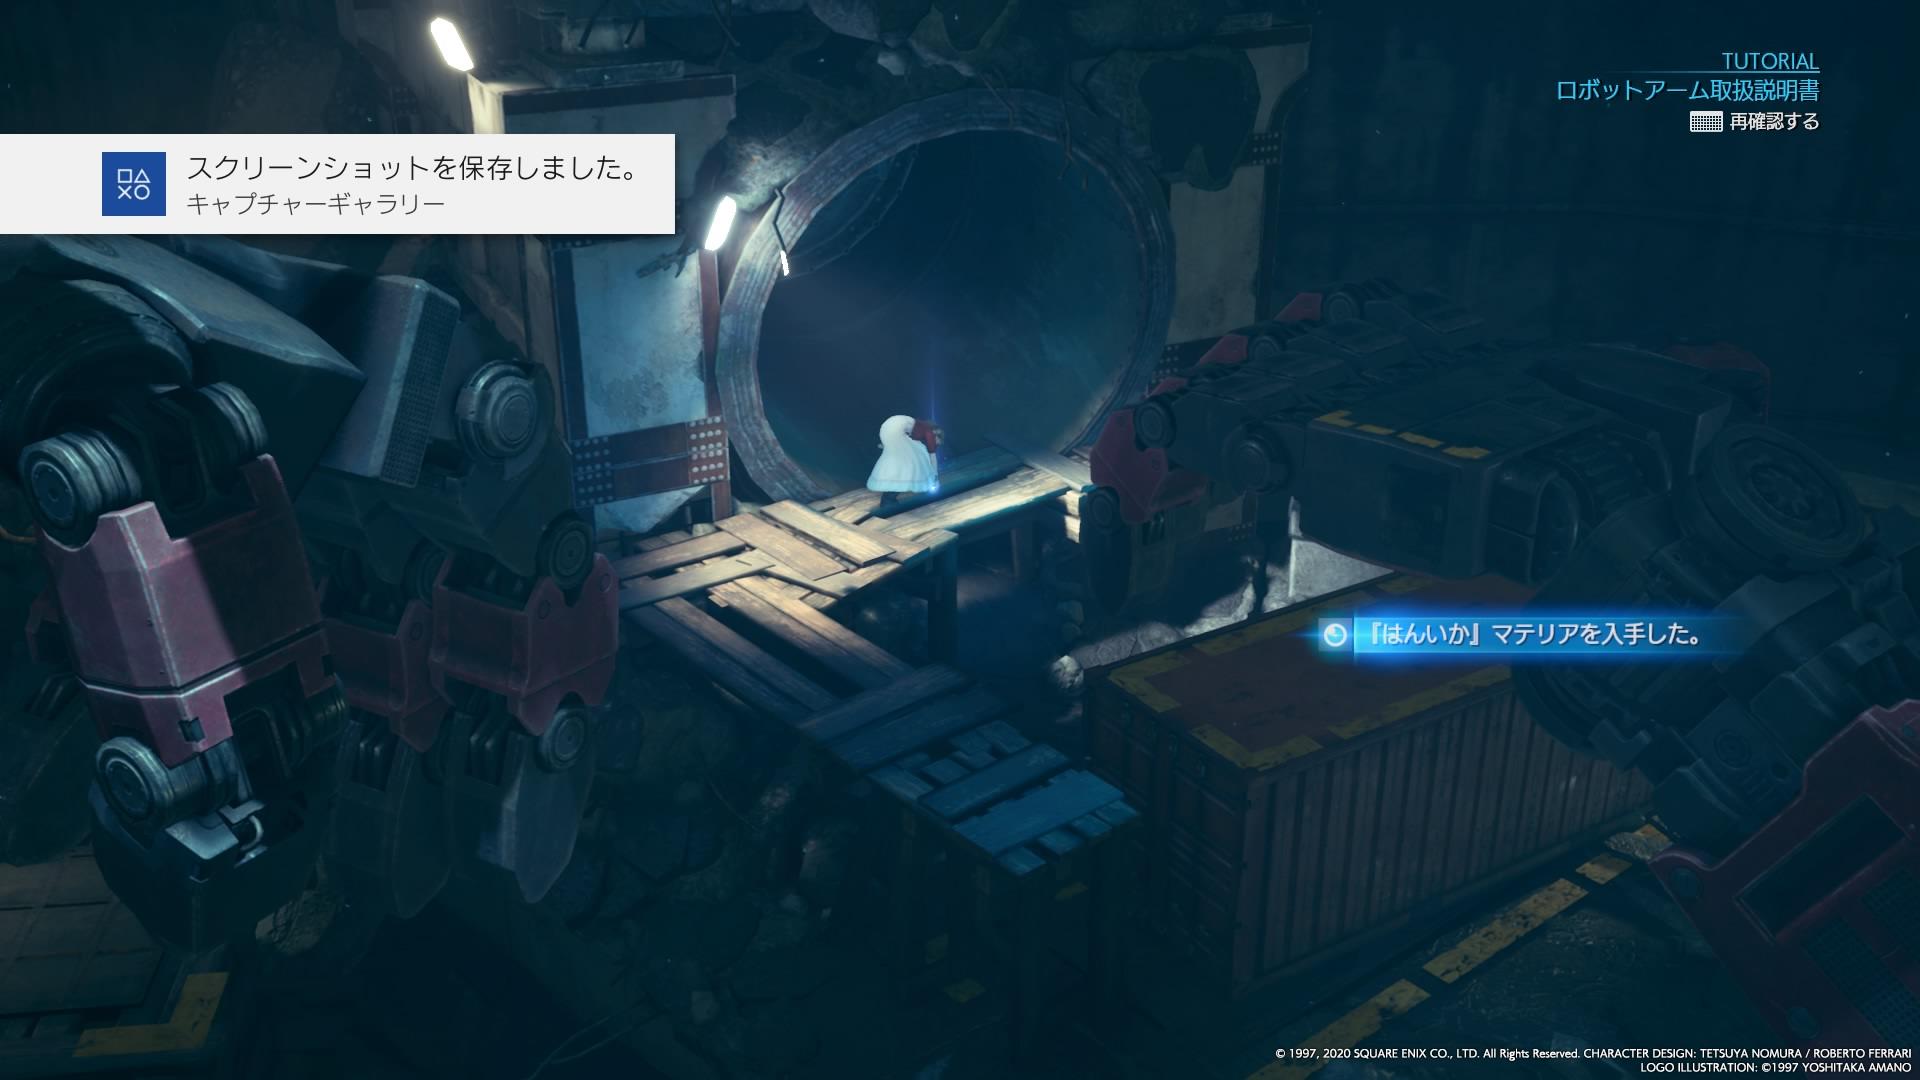 FF7R(リメイク) ロボットアームでマテリア(はんいか)を取り方(操作方法)!【ファイナルファンタジー7】